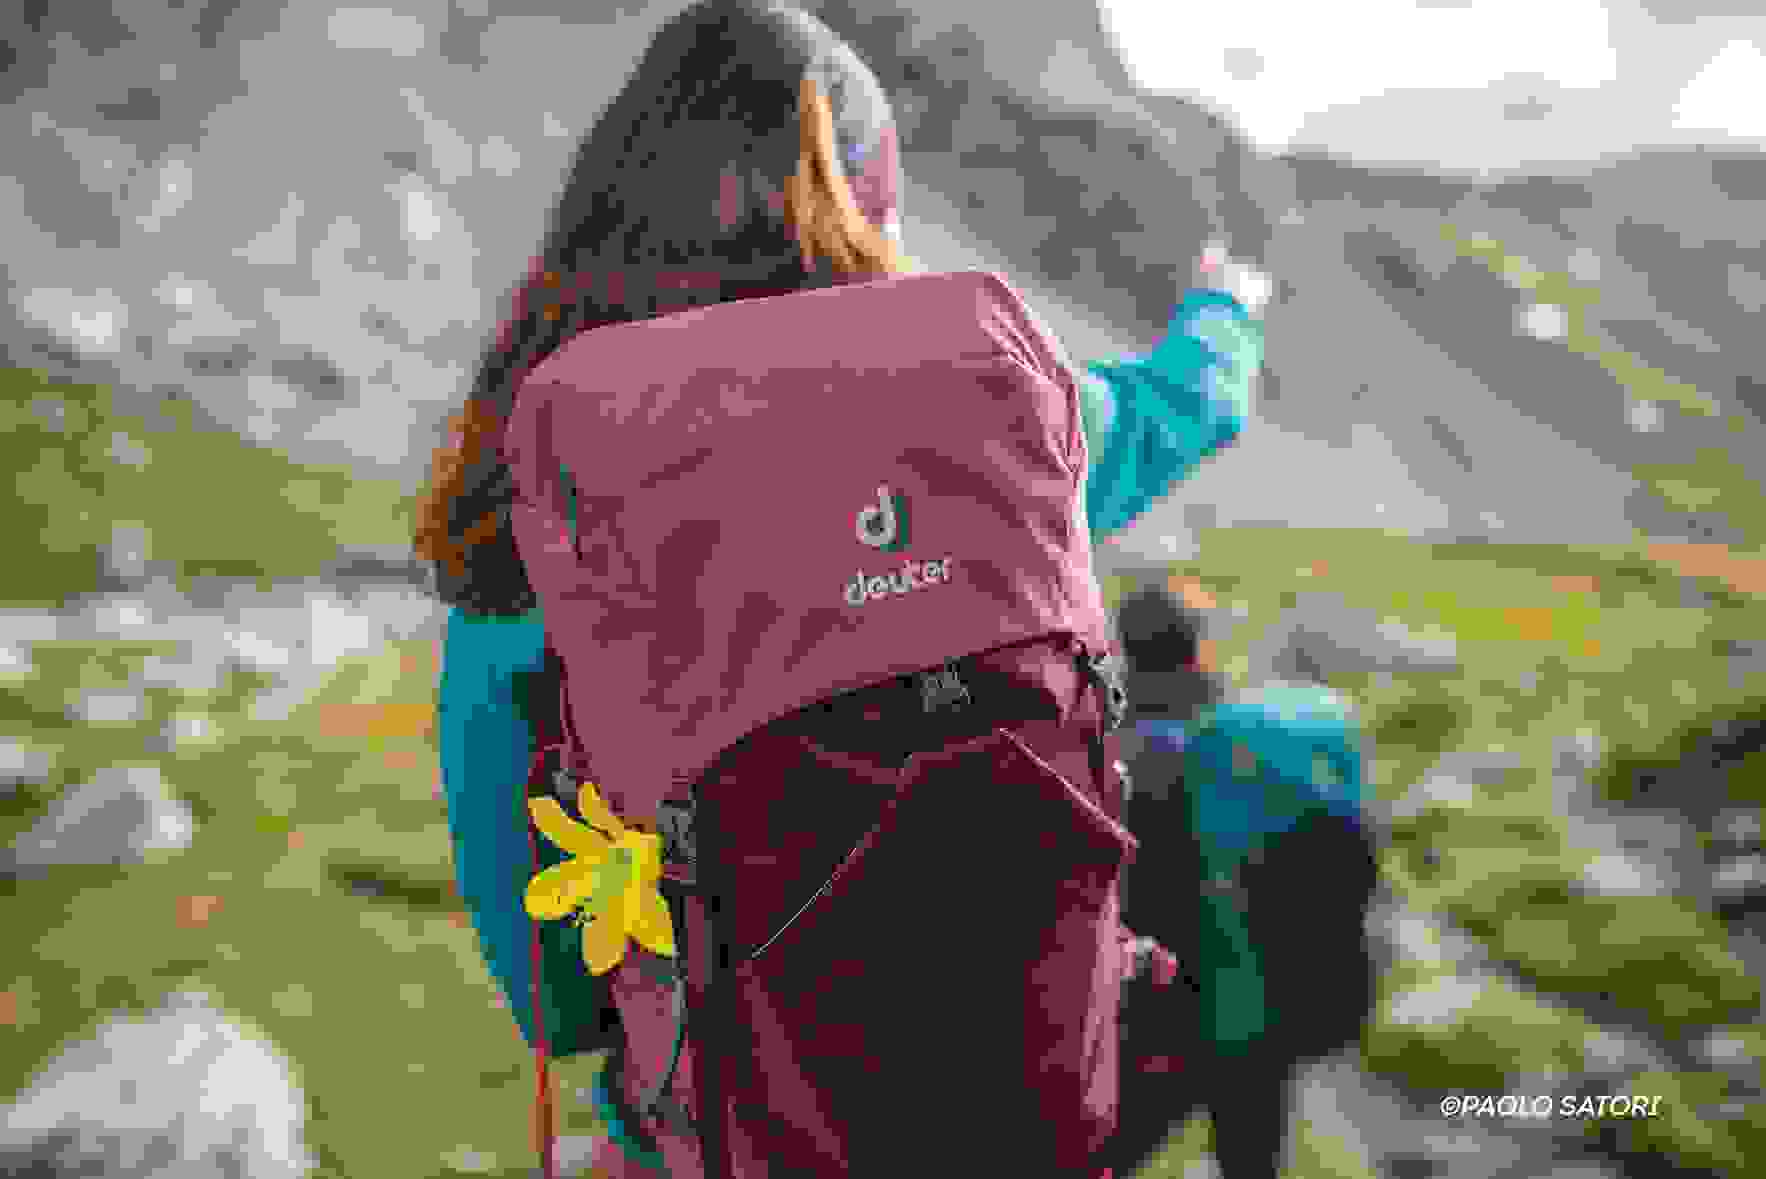 Eine Wandrerin mit Rucksack auf dem Rücken zeigt den Weg